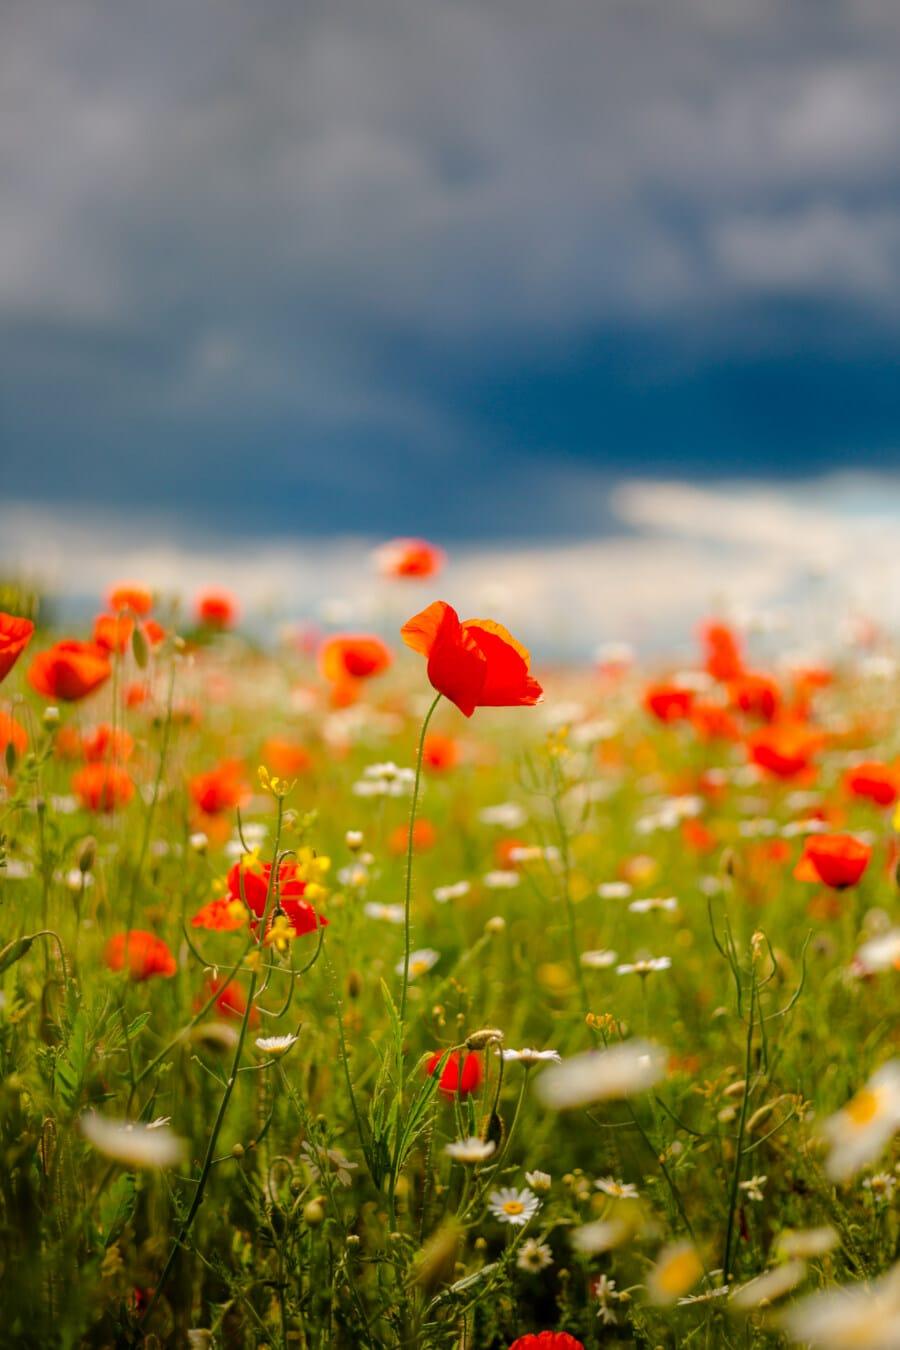 vallmo, rödaktig, sommarsäsongen, fältet, kamomill, gräsväxter, blomma, sommar, spring, blomma